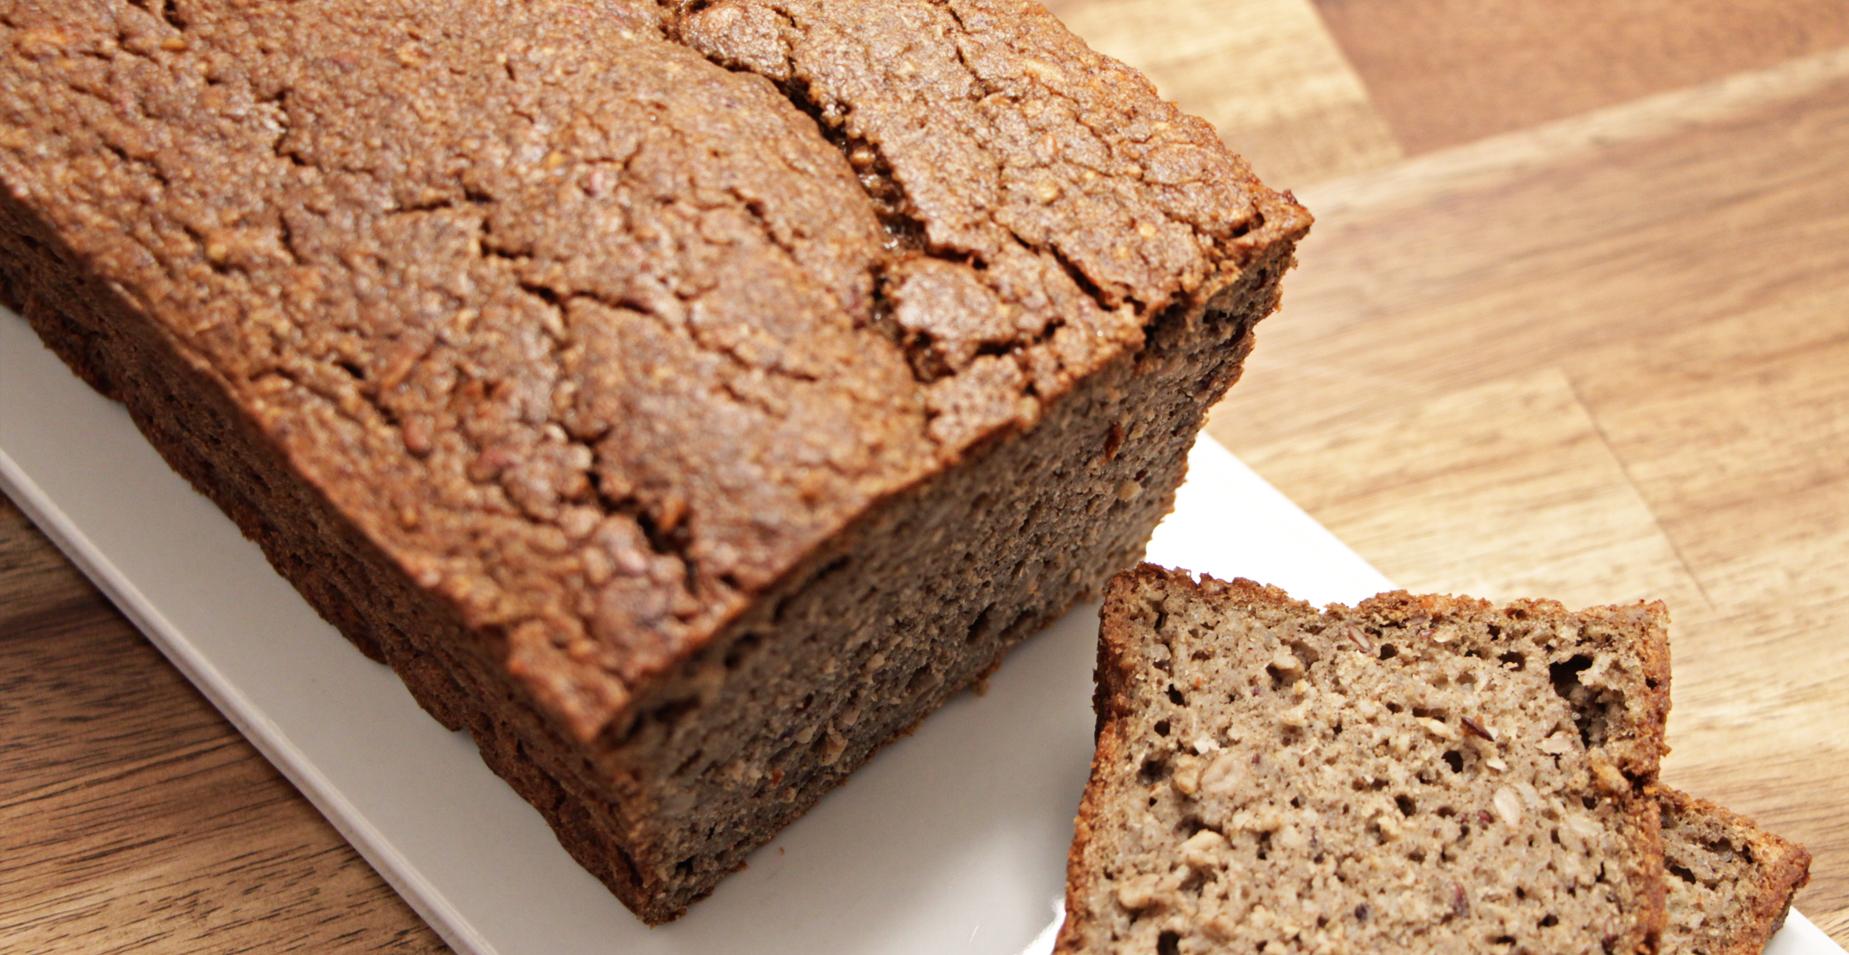 Glutenfreies_Brot_tolle_Kruste_Jalda_Akkara